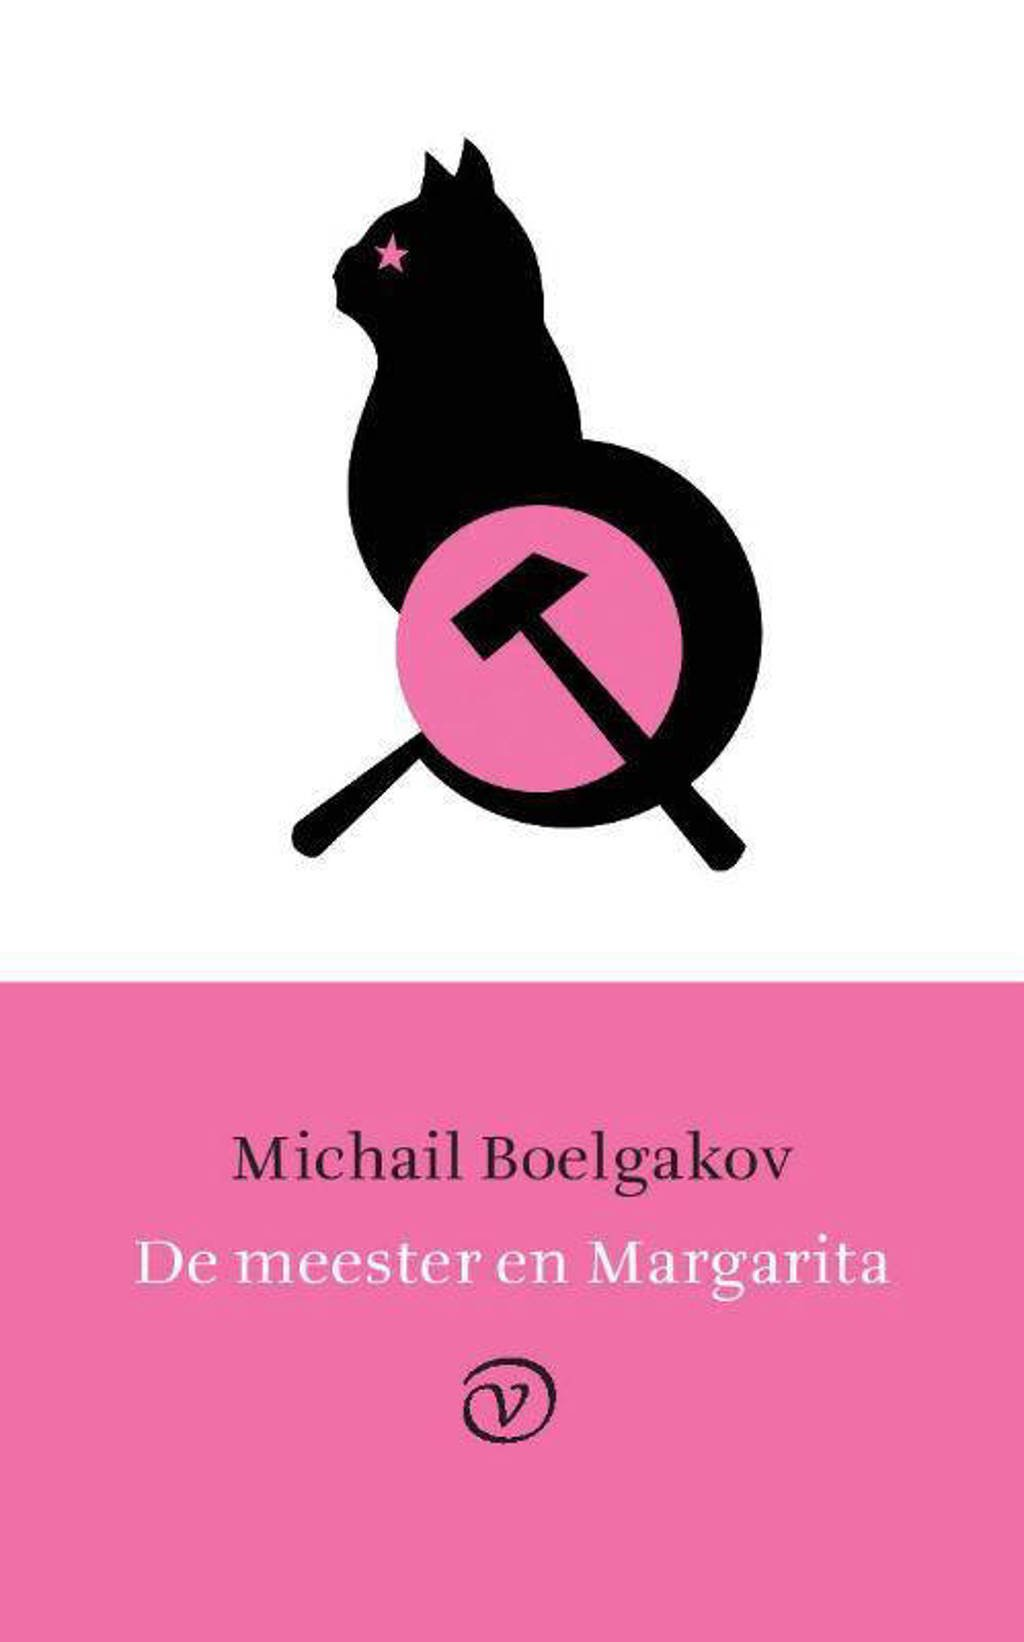 De meester en Margarita - Michail Boelgakov